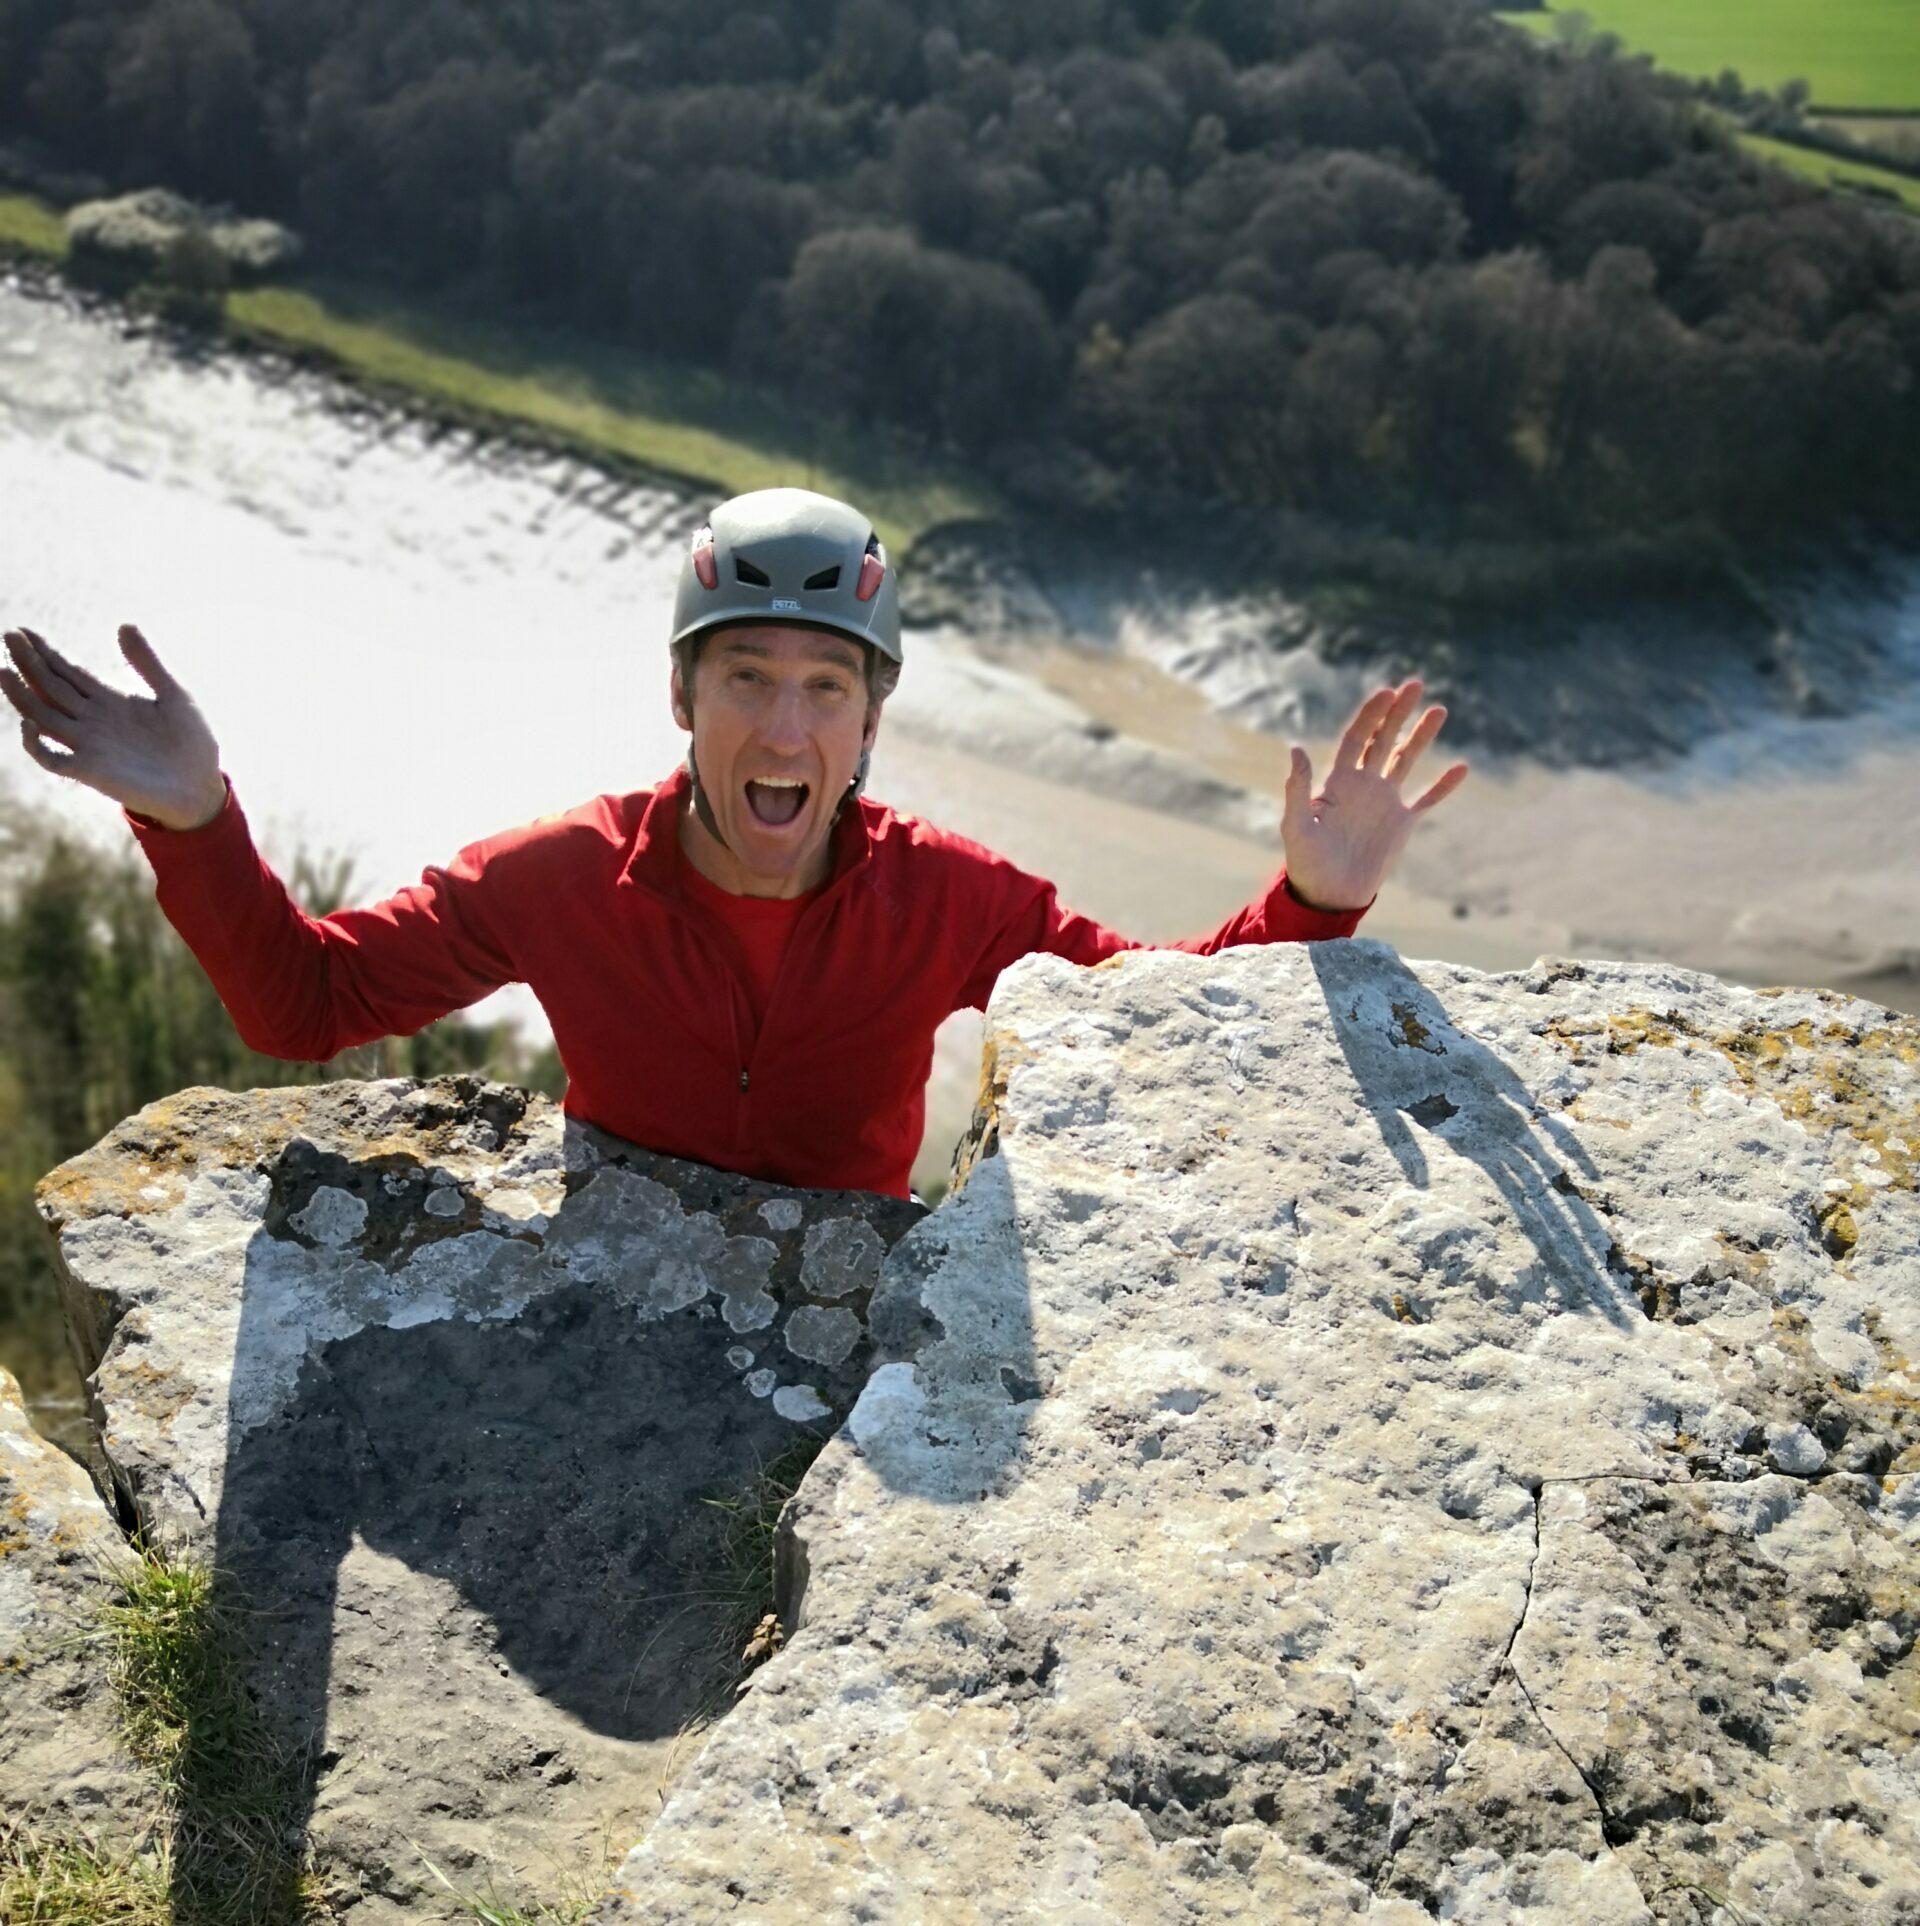 Fun climbing at Symonds Yat